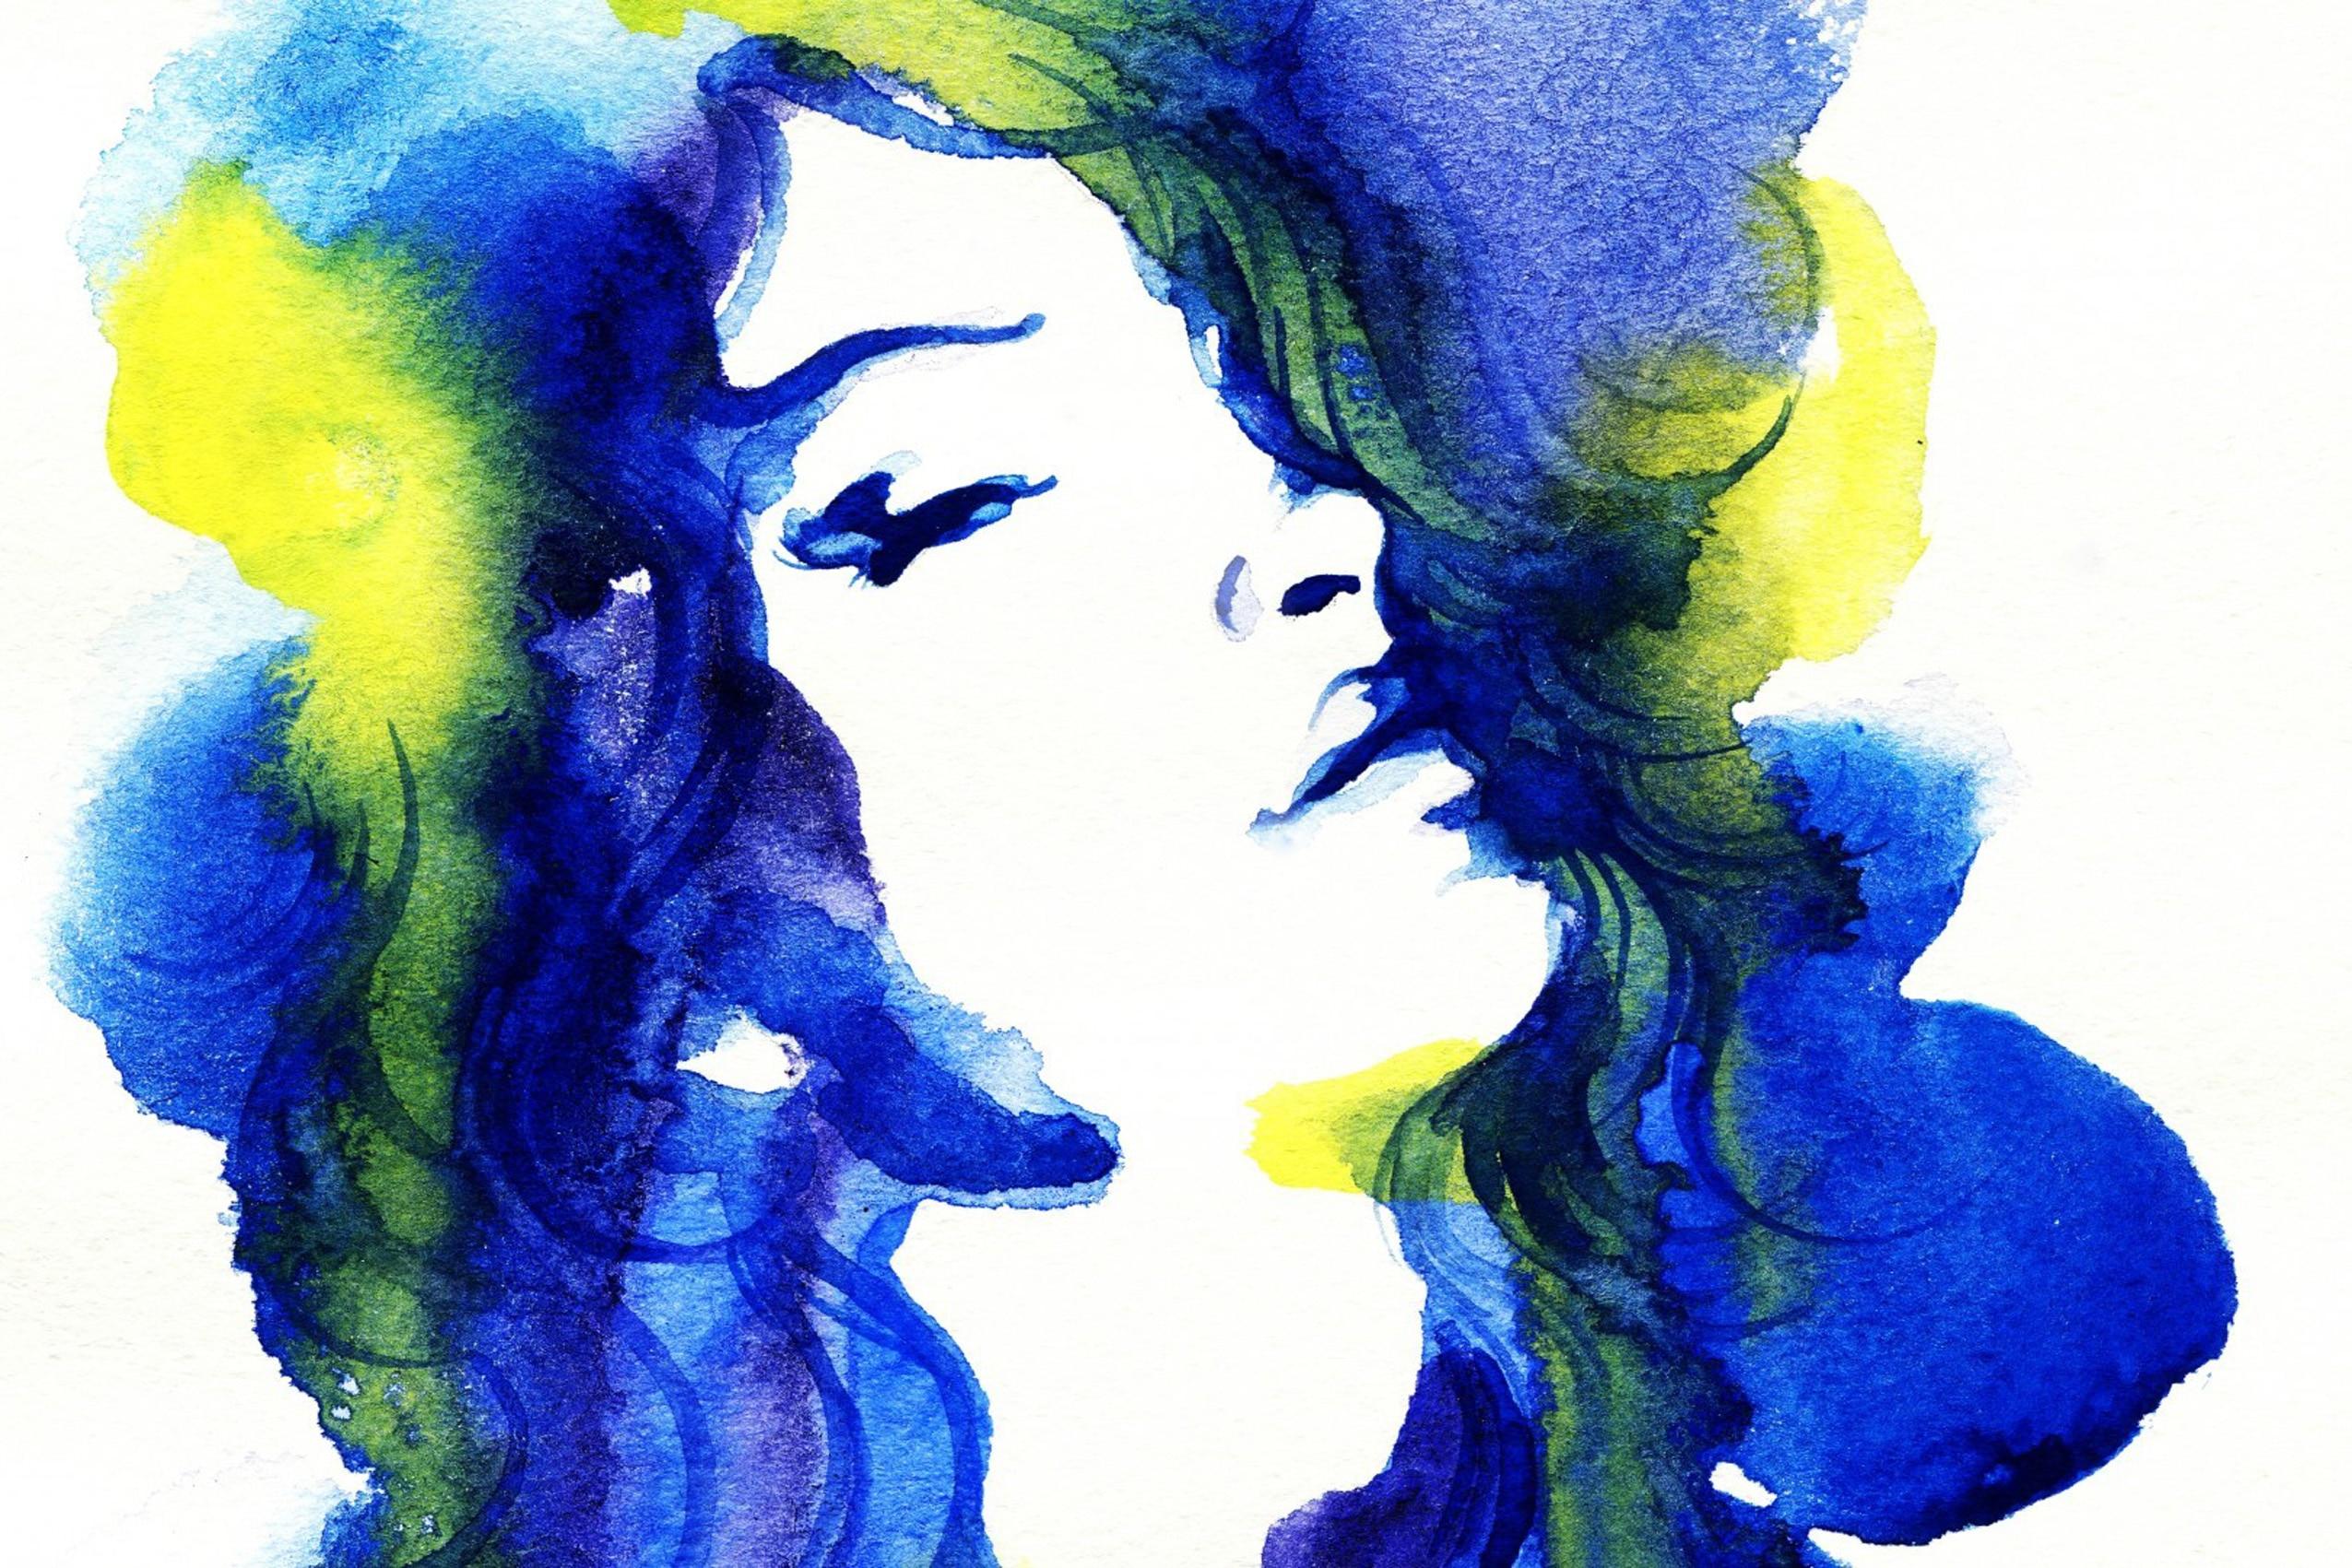 Blauw vrouw schilderen koop goedkope blauw vrouw schilderen loten ...